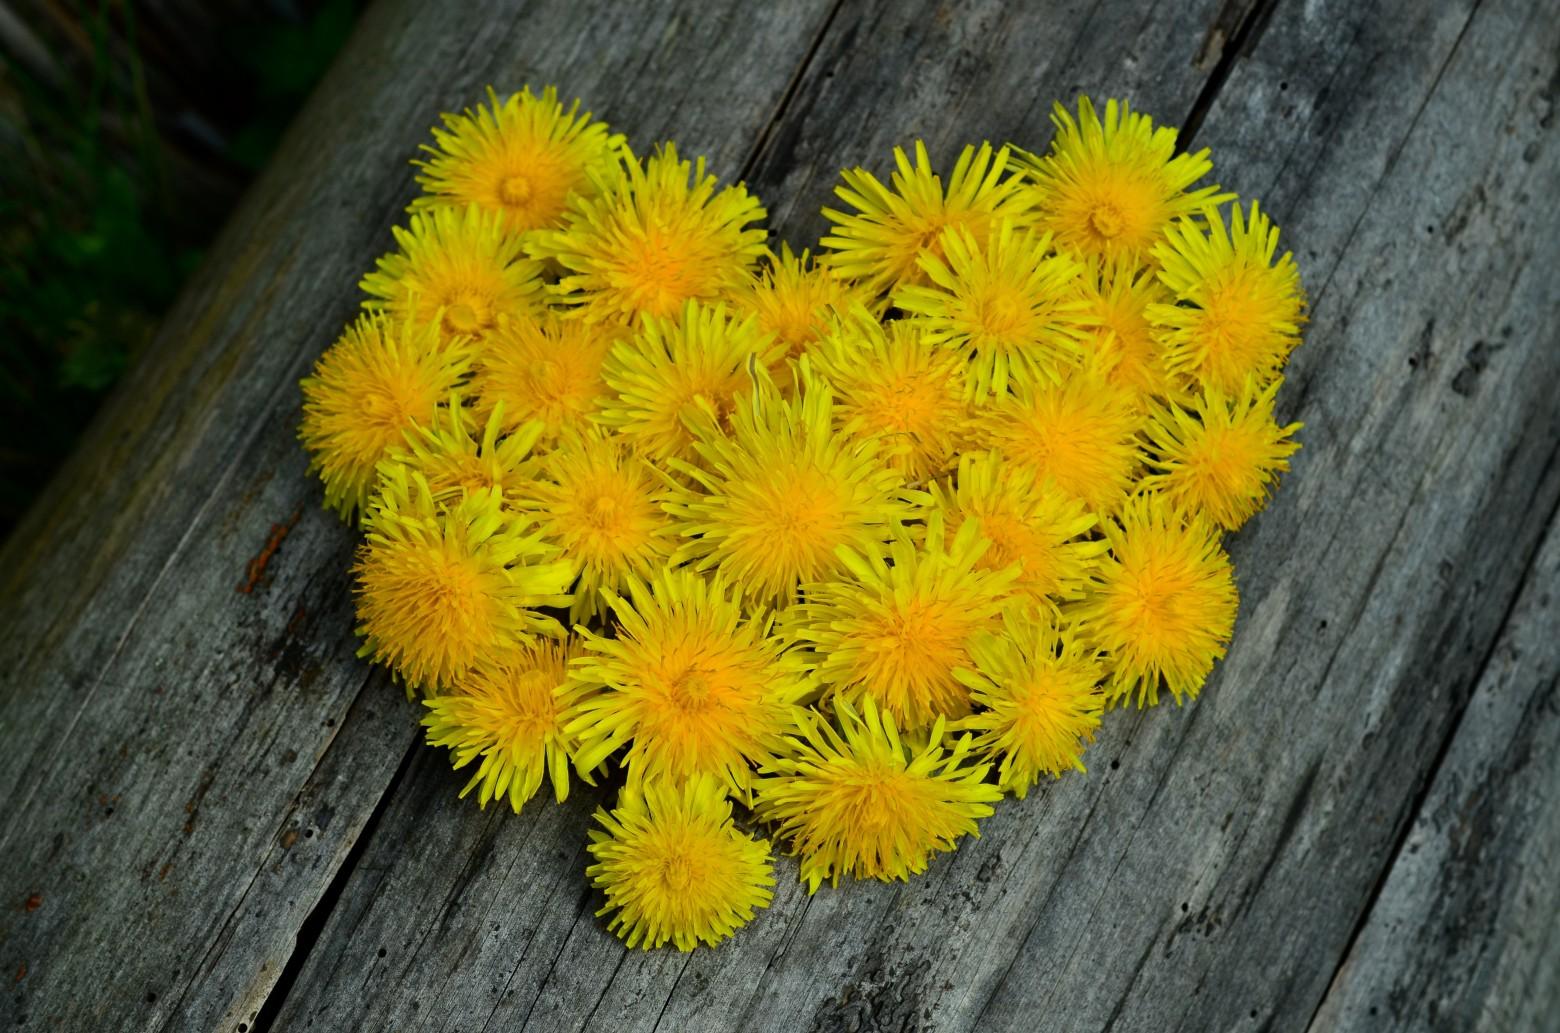 Fleurs jaunes pissenlits formant un coeur images photos gratuites images gratuites et libres - Images coeur gratuites ...